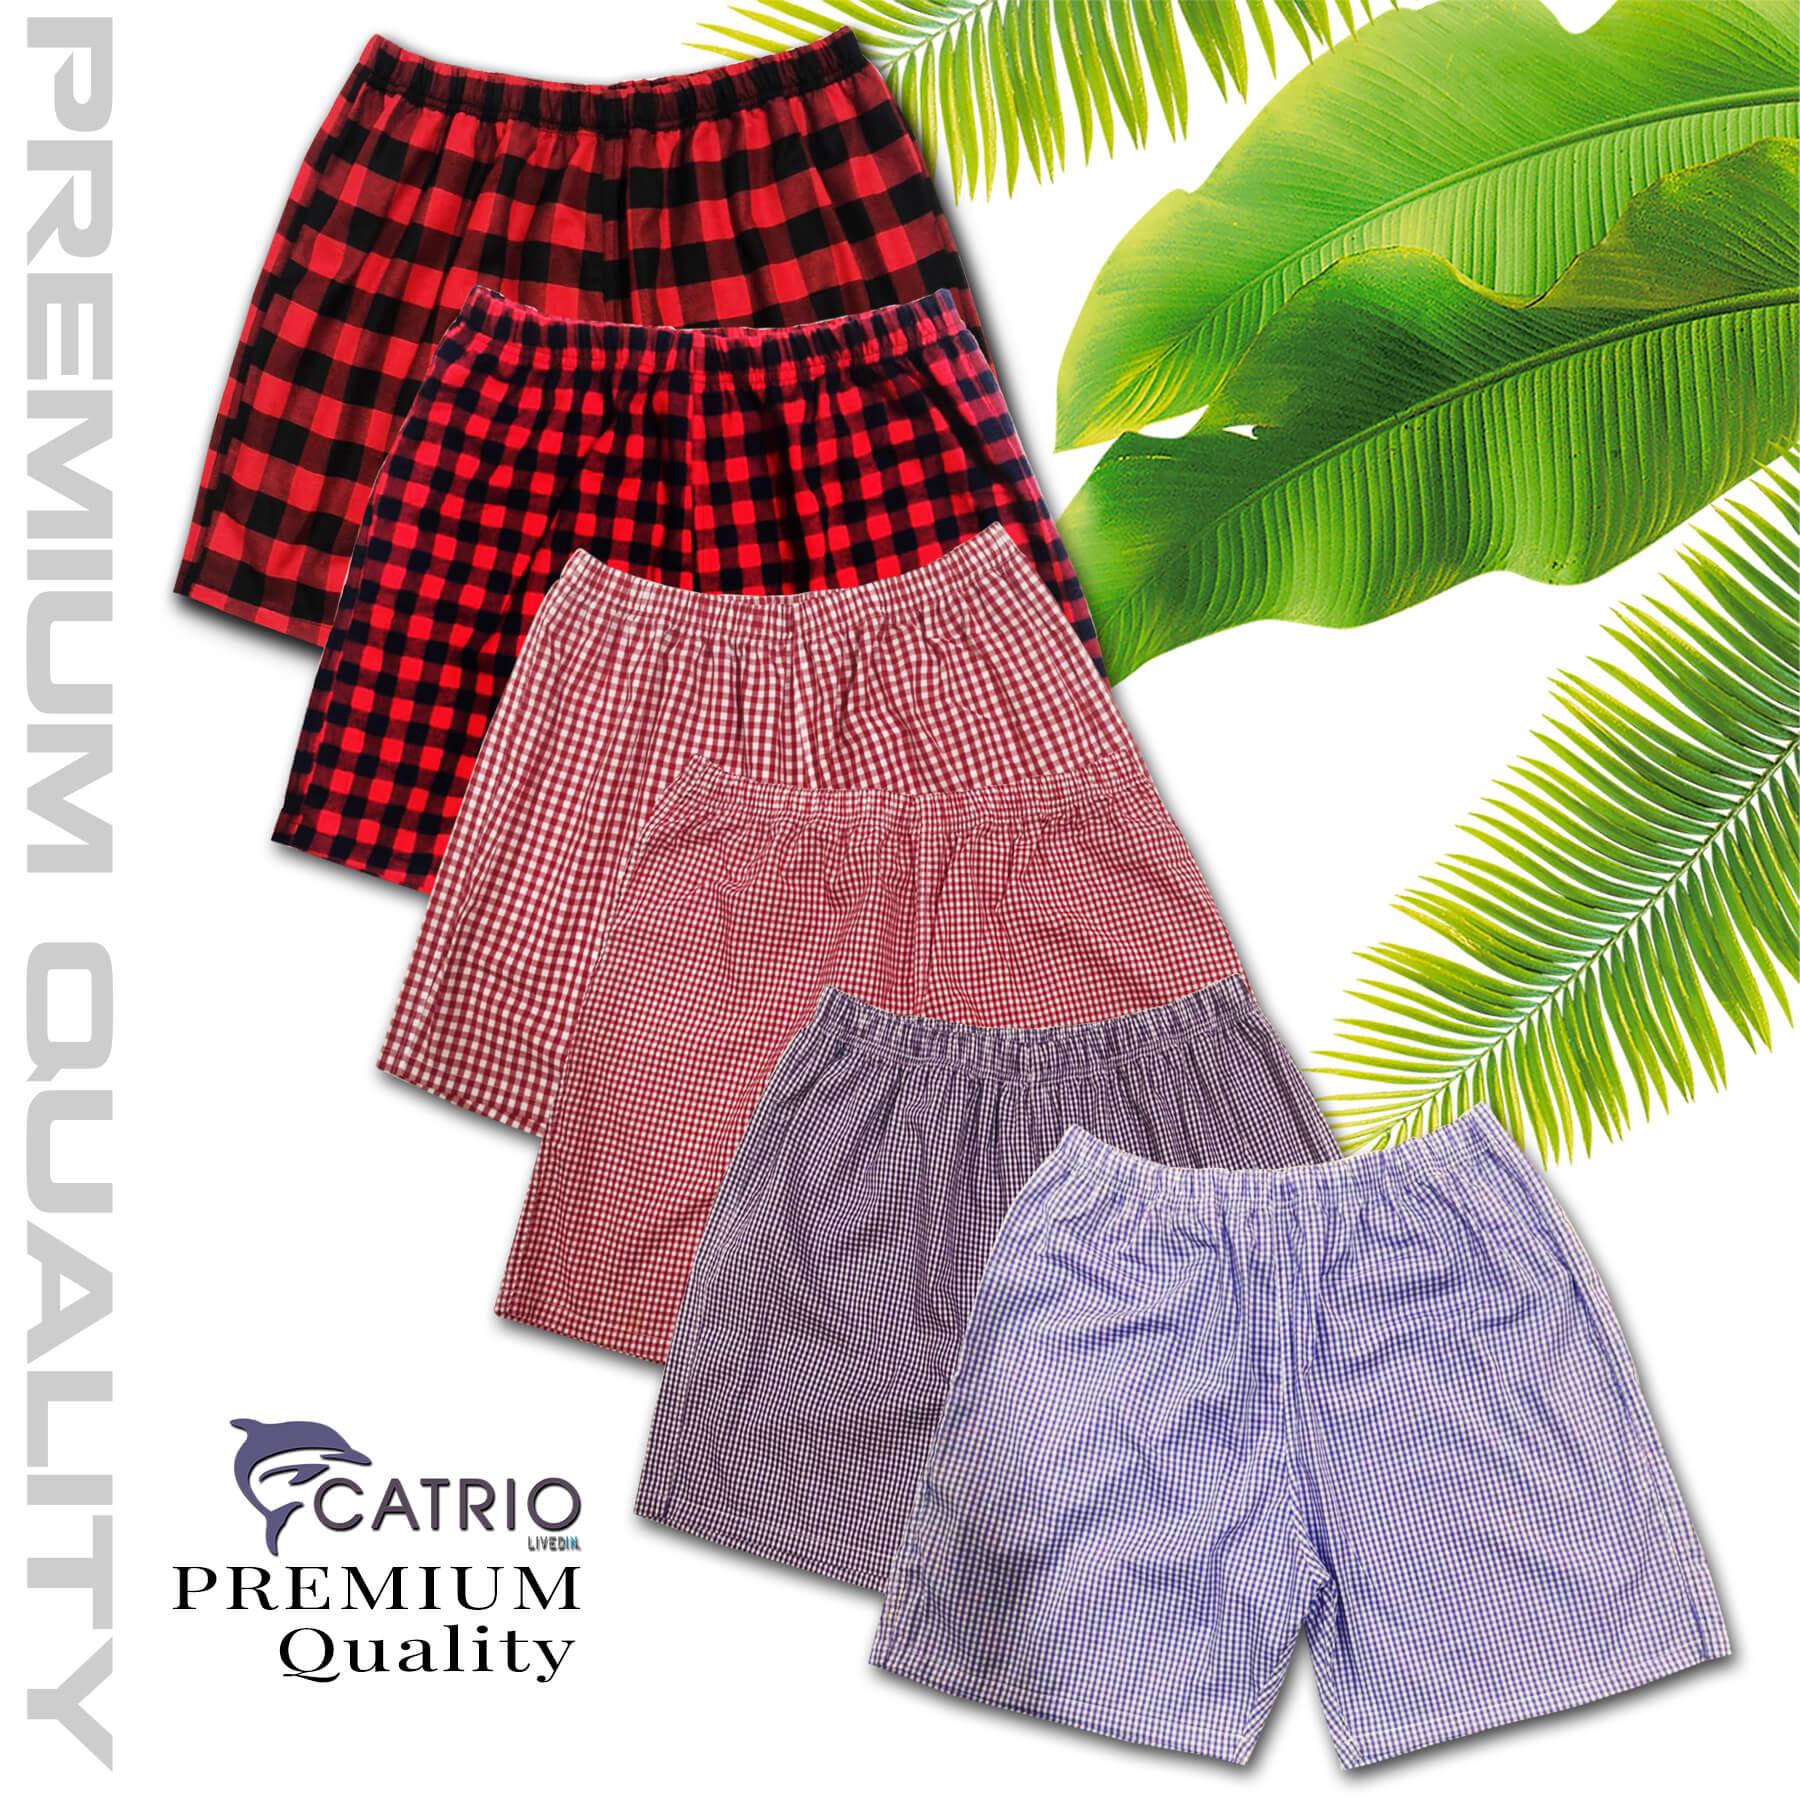 QUẦN ĐÙI NAM CATRIO MÀU 23 cho các bé lớn, nam trung niên, cao tuổi có cân nặng từ 40kg đến 83kg là quần short nam bé trai size đại, được làm từ vải may áo sơ mi thuộc BST quần short áo phông mùa hè CATRIO 2021